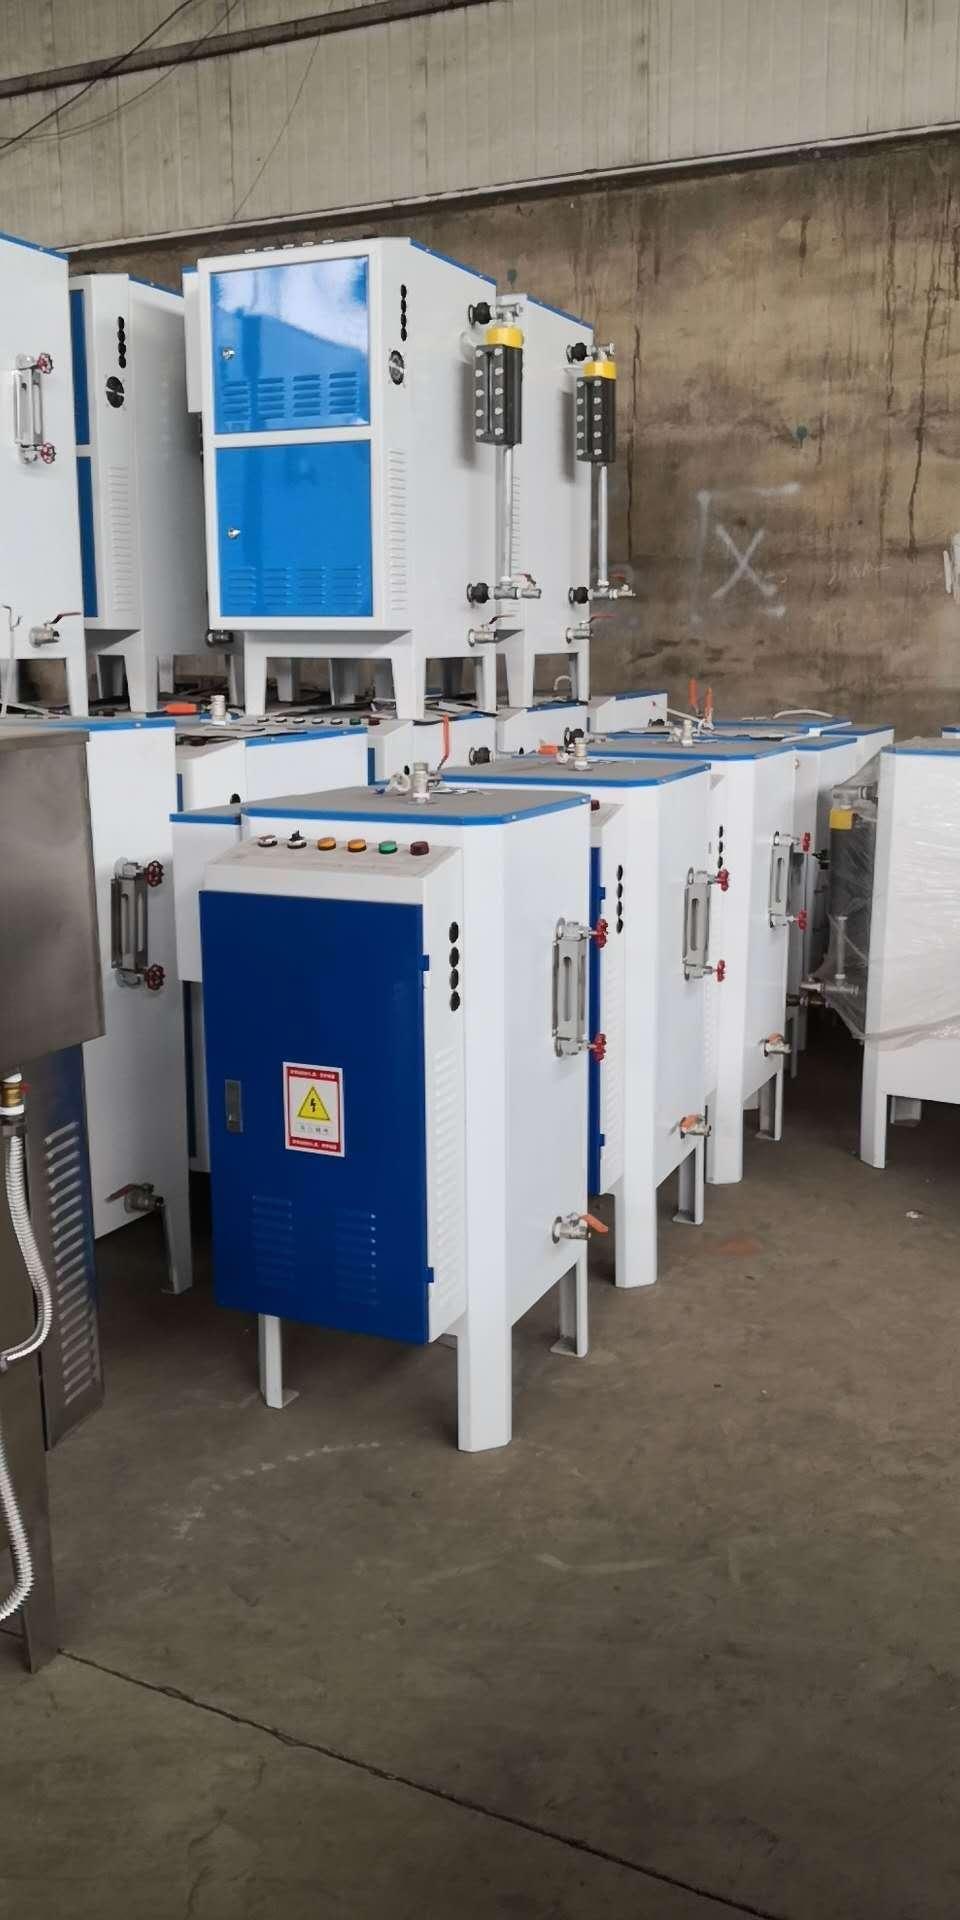 伊犁全自动蒸汽发生器的价格 振春水暖供应